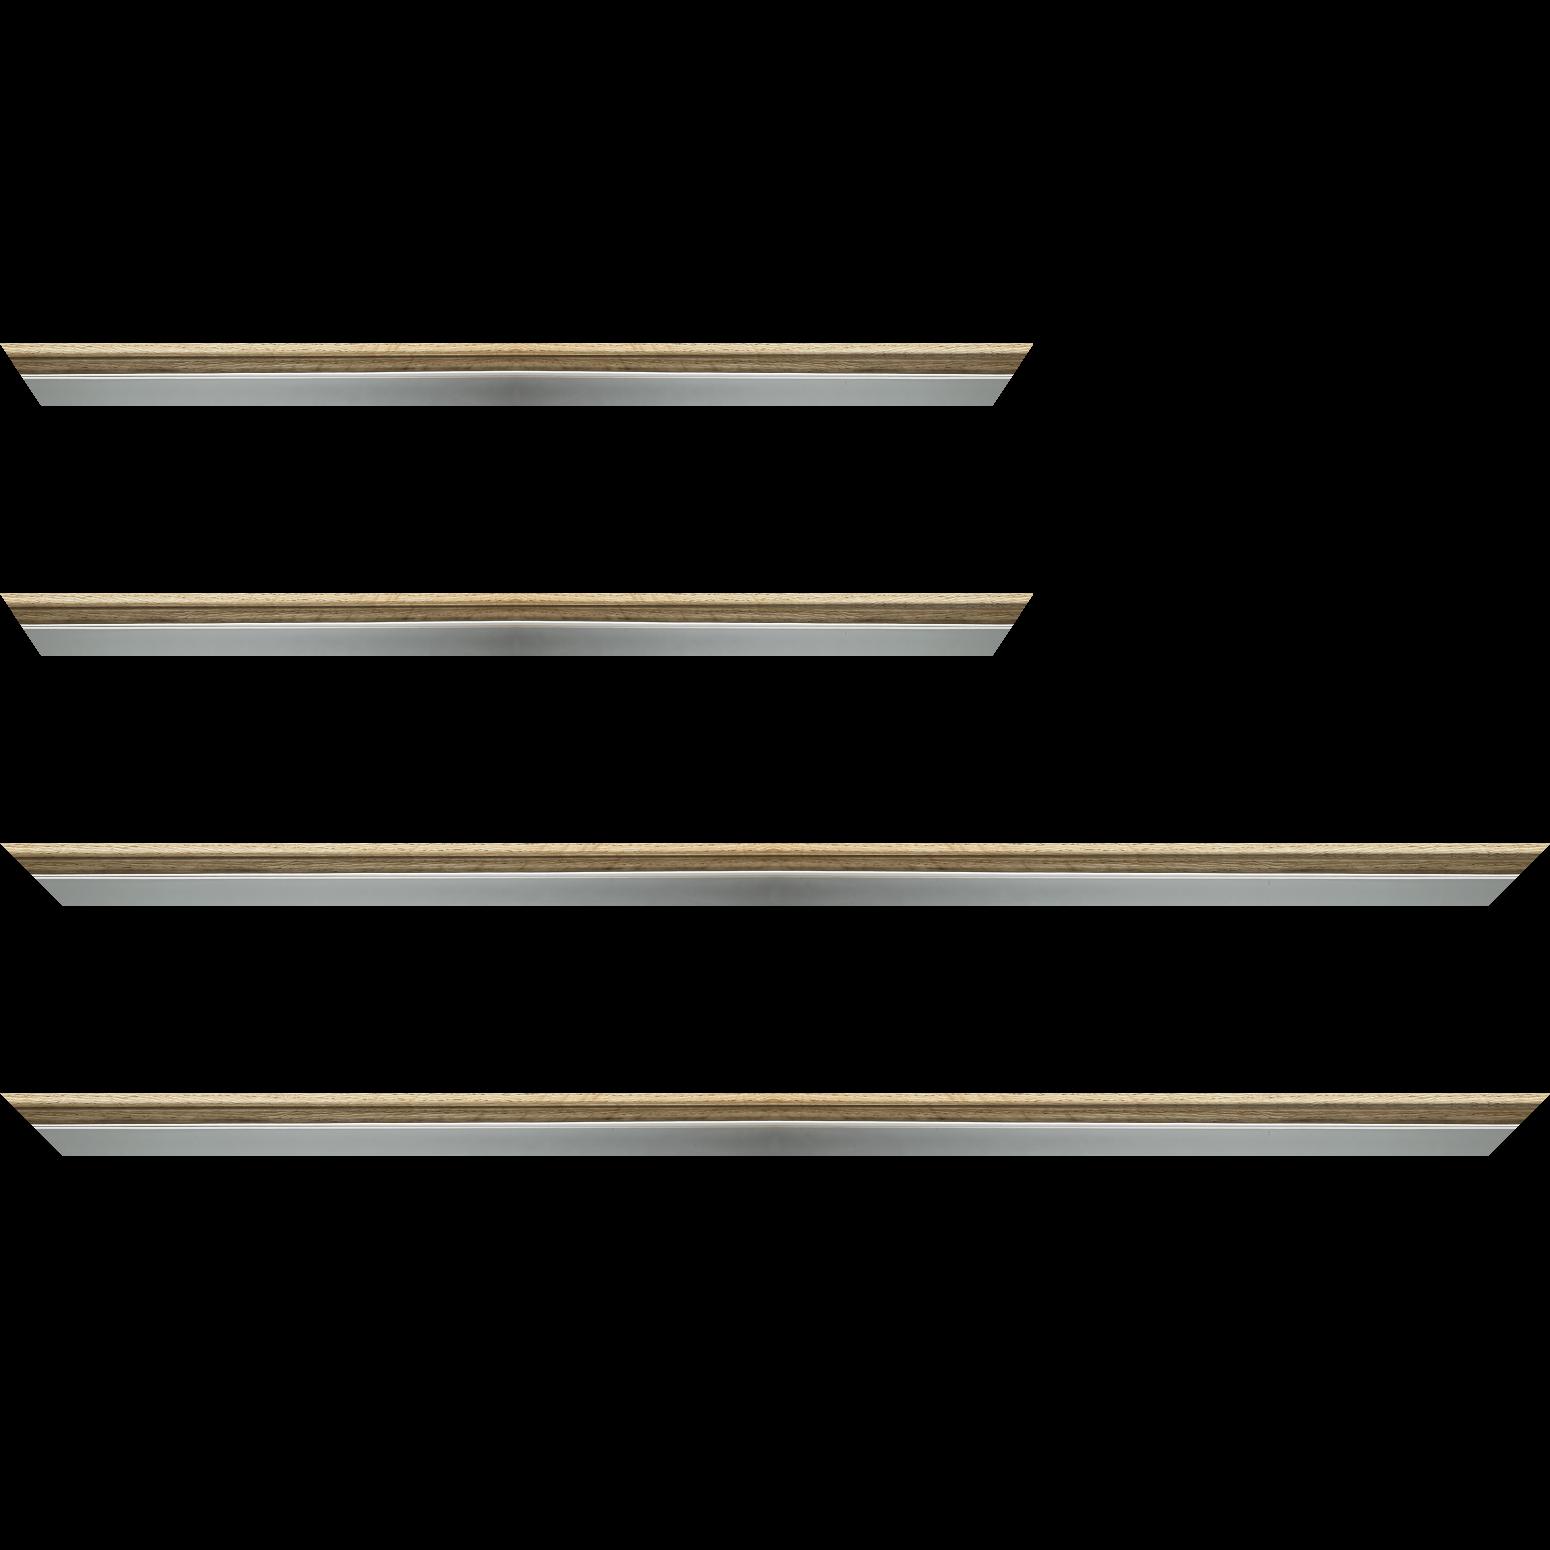 Baguette service précoupé Bois profil plat largeur 2.4cm  argent chromé décor chêne naturel extérieur